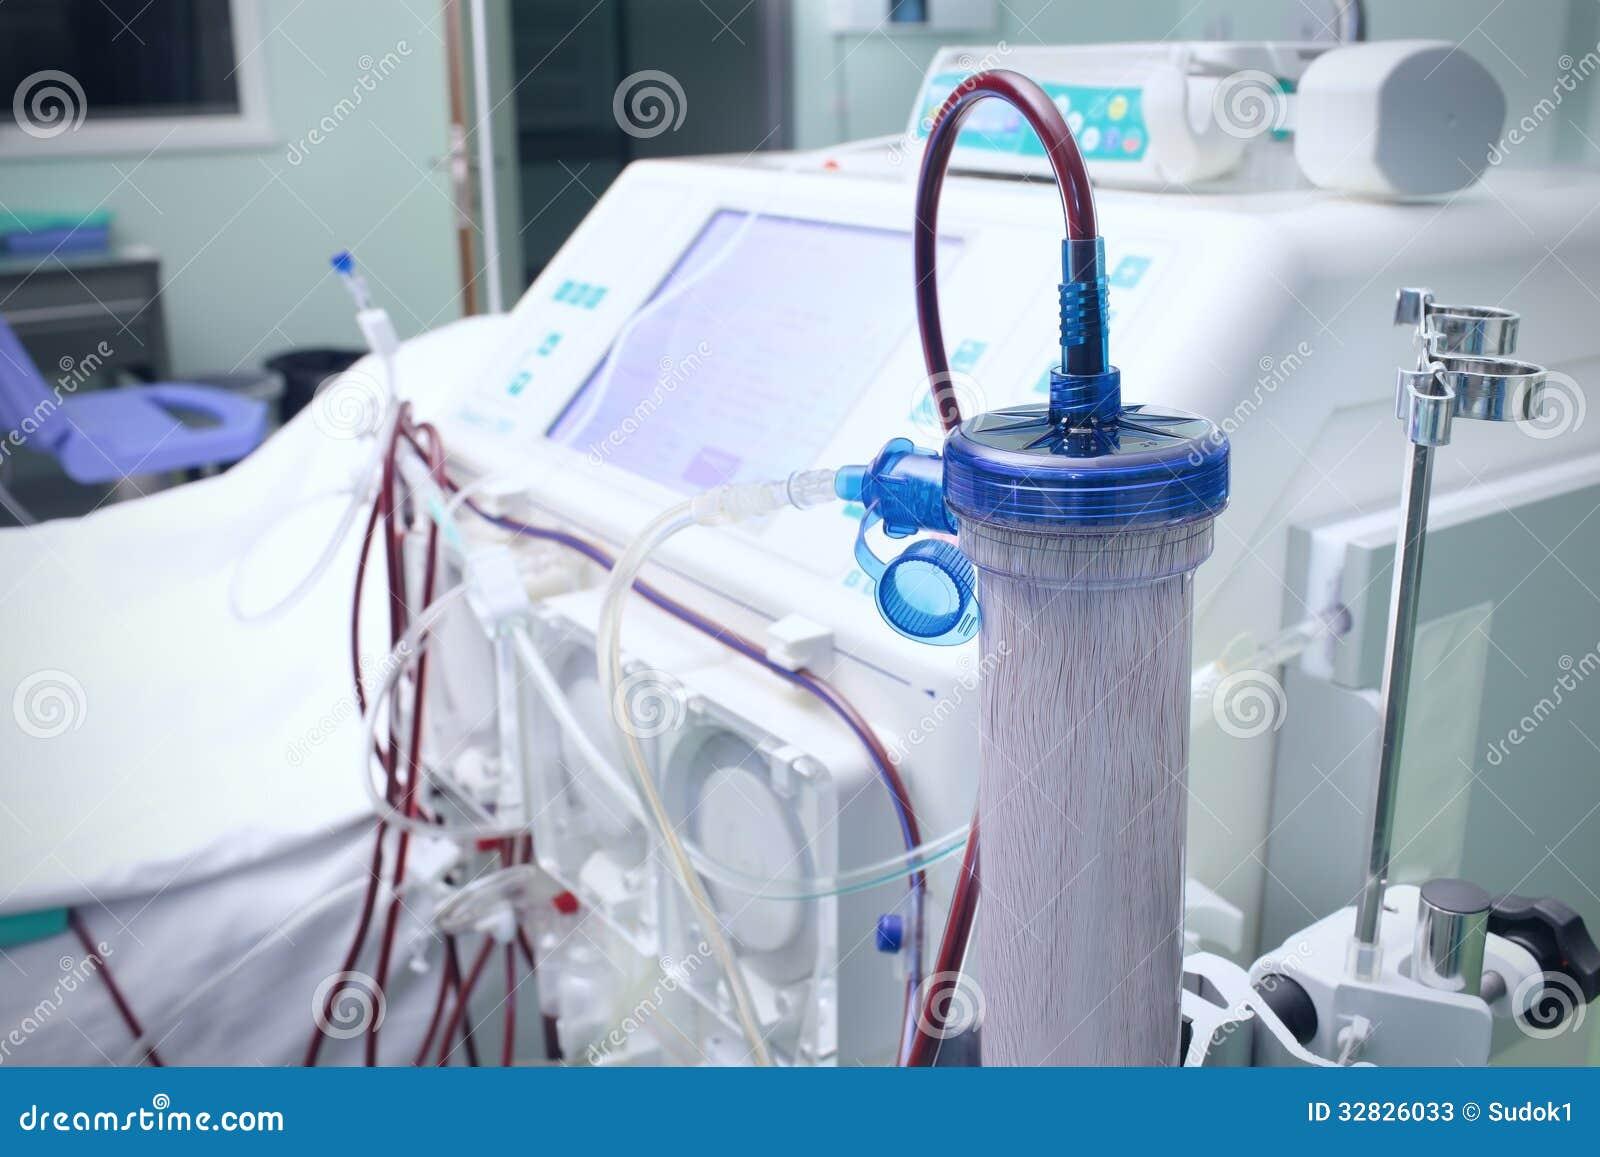 hemodialysis nurse